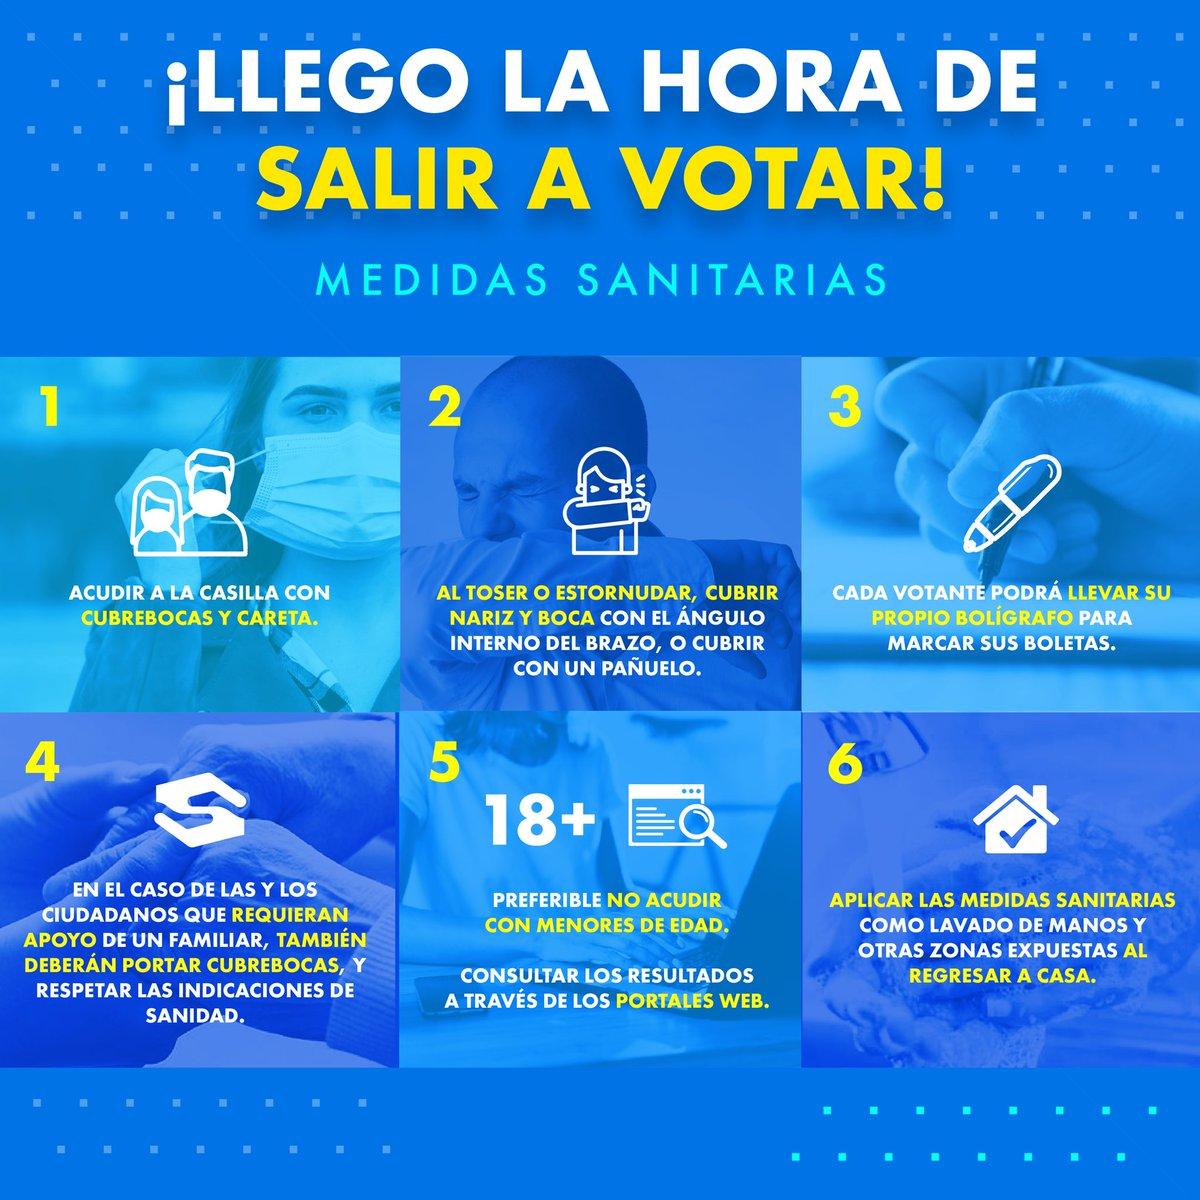 ⚠️Este 18 de Octubre tenemos una cita para pintar #Coahuila e #Hidalgo de azul.  Te dejamos una serie de recomendaciones para poder asistir a votar🗳 https://t.co/bZHfO9tr7h